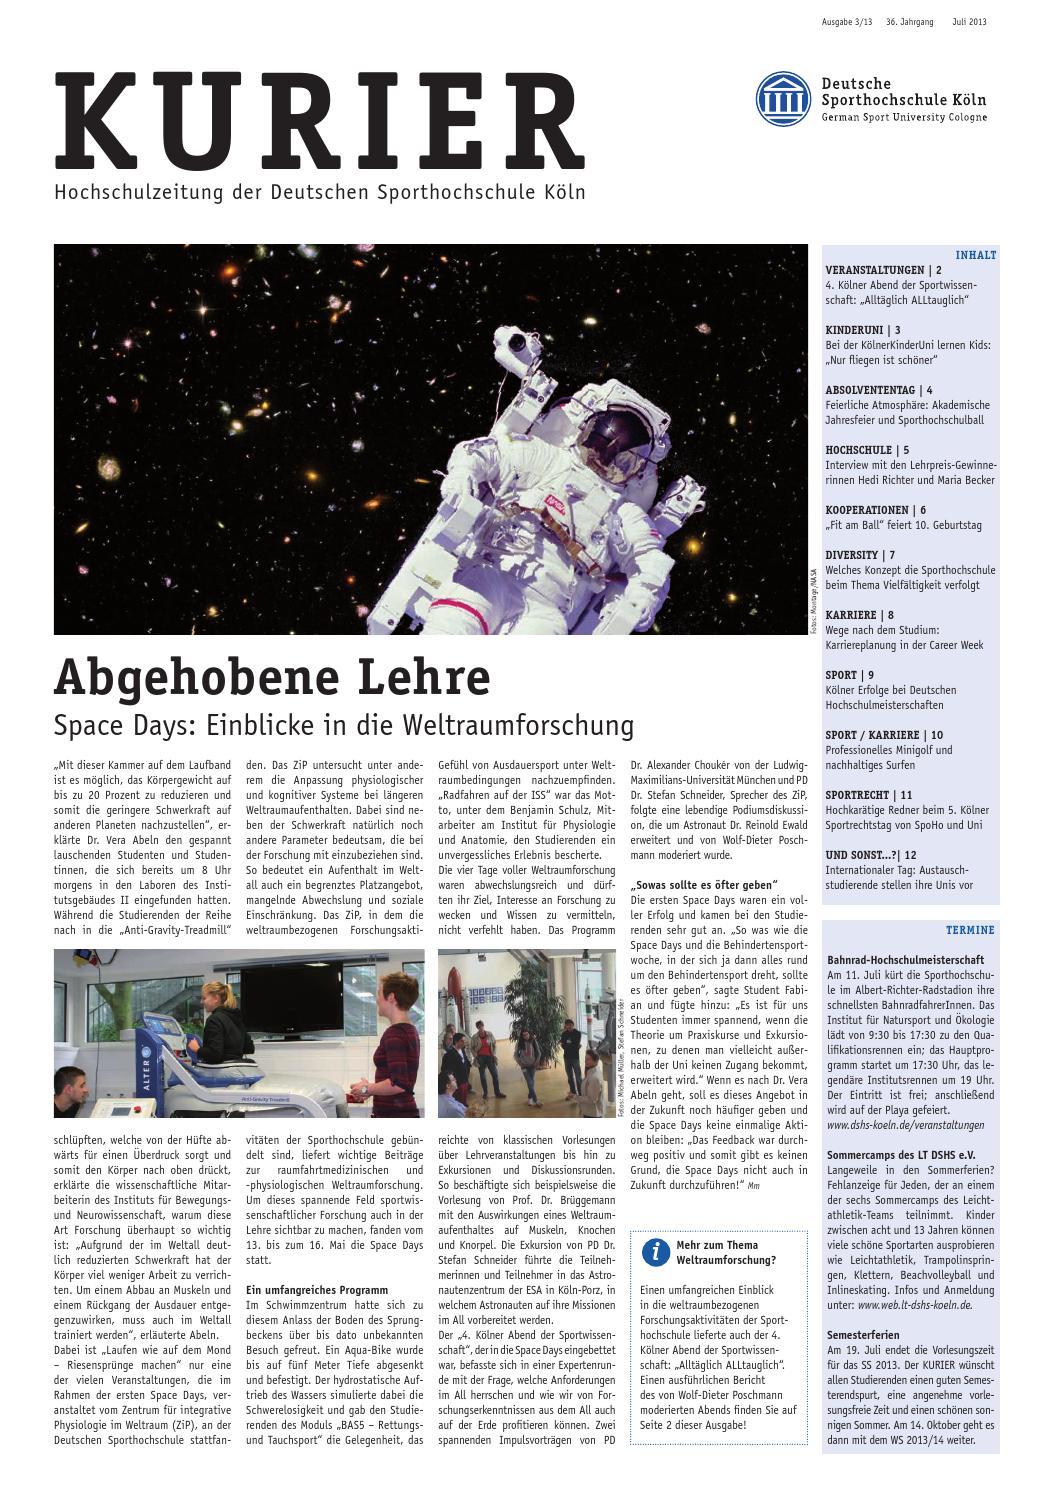 KURIER by Deutsche Sporthochschule Köln - issuu